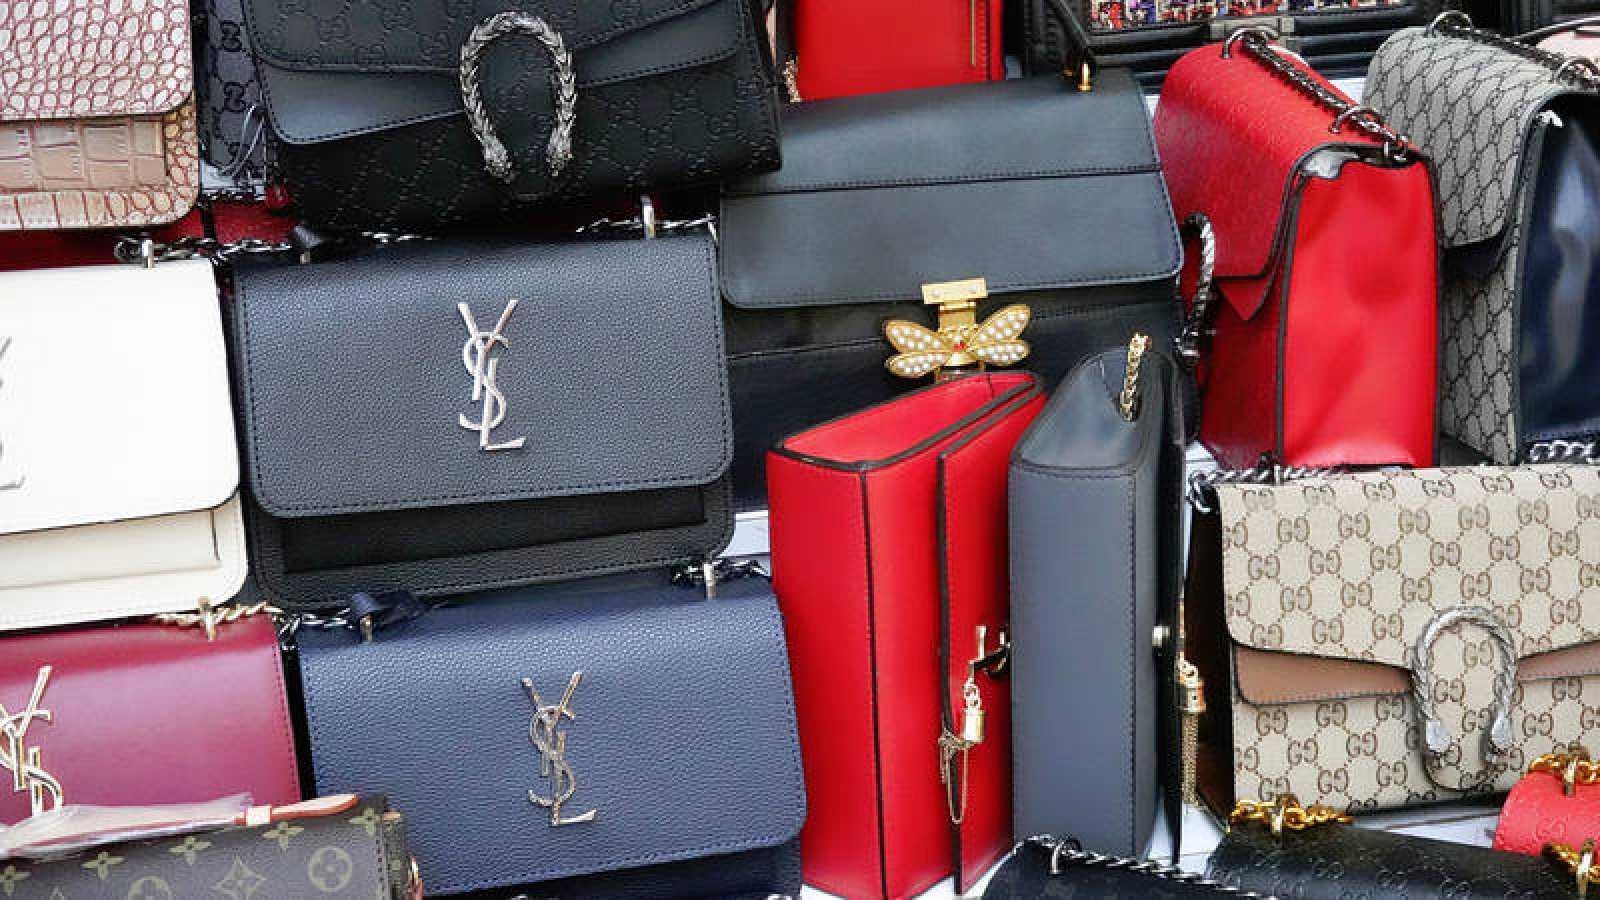 Solo en el sector de la confección, accesorios y calzado se registran pérdidas en la UE por un valor de 28.400 millones de euros anuales.